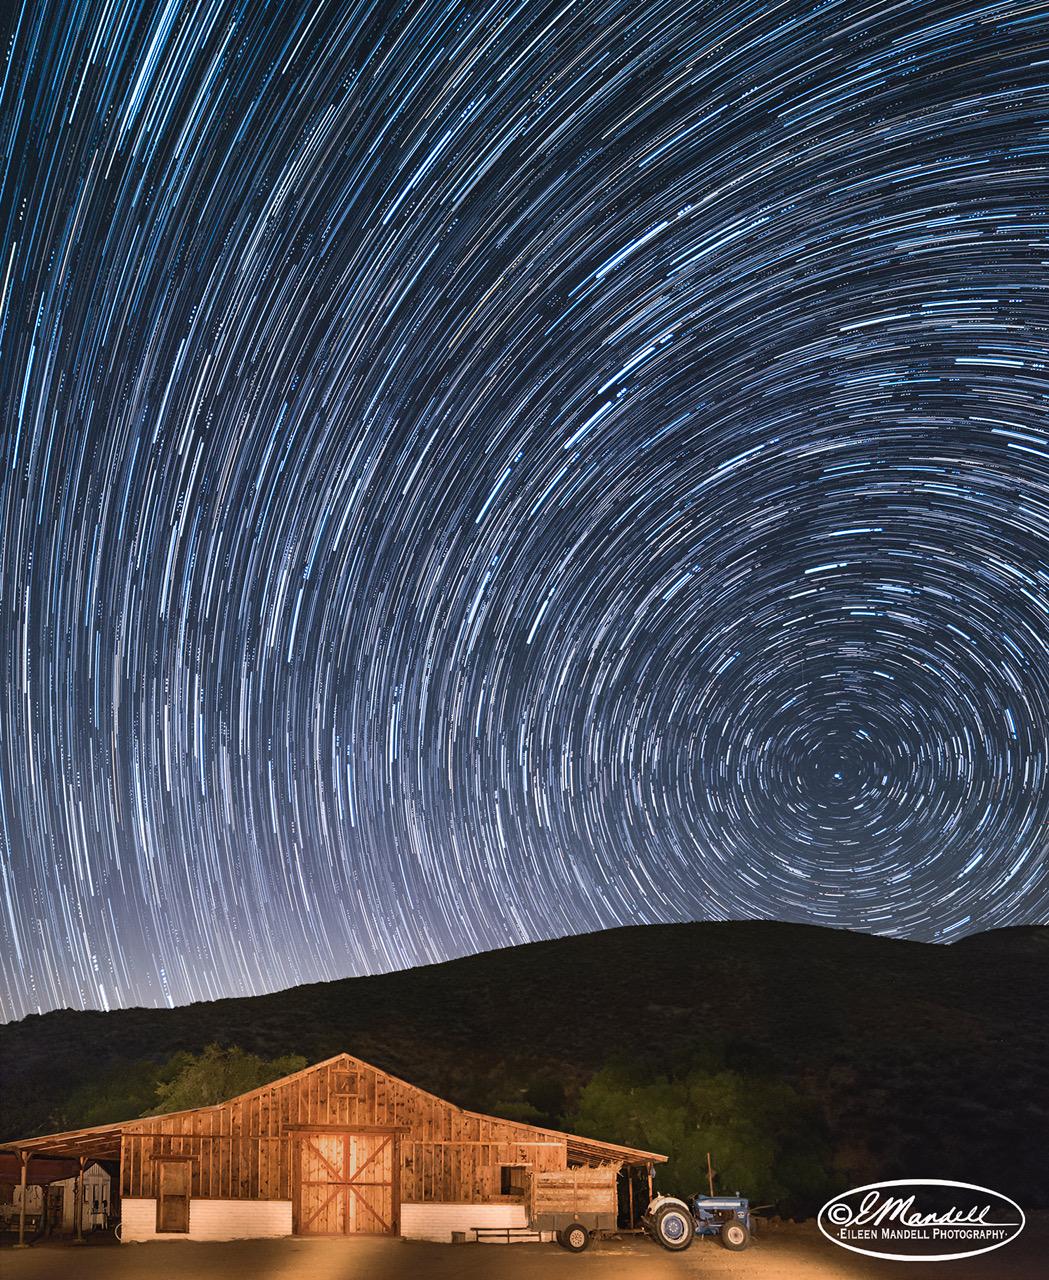 Start Trail Over Barn by Eileen Mandell